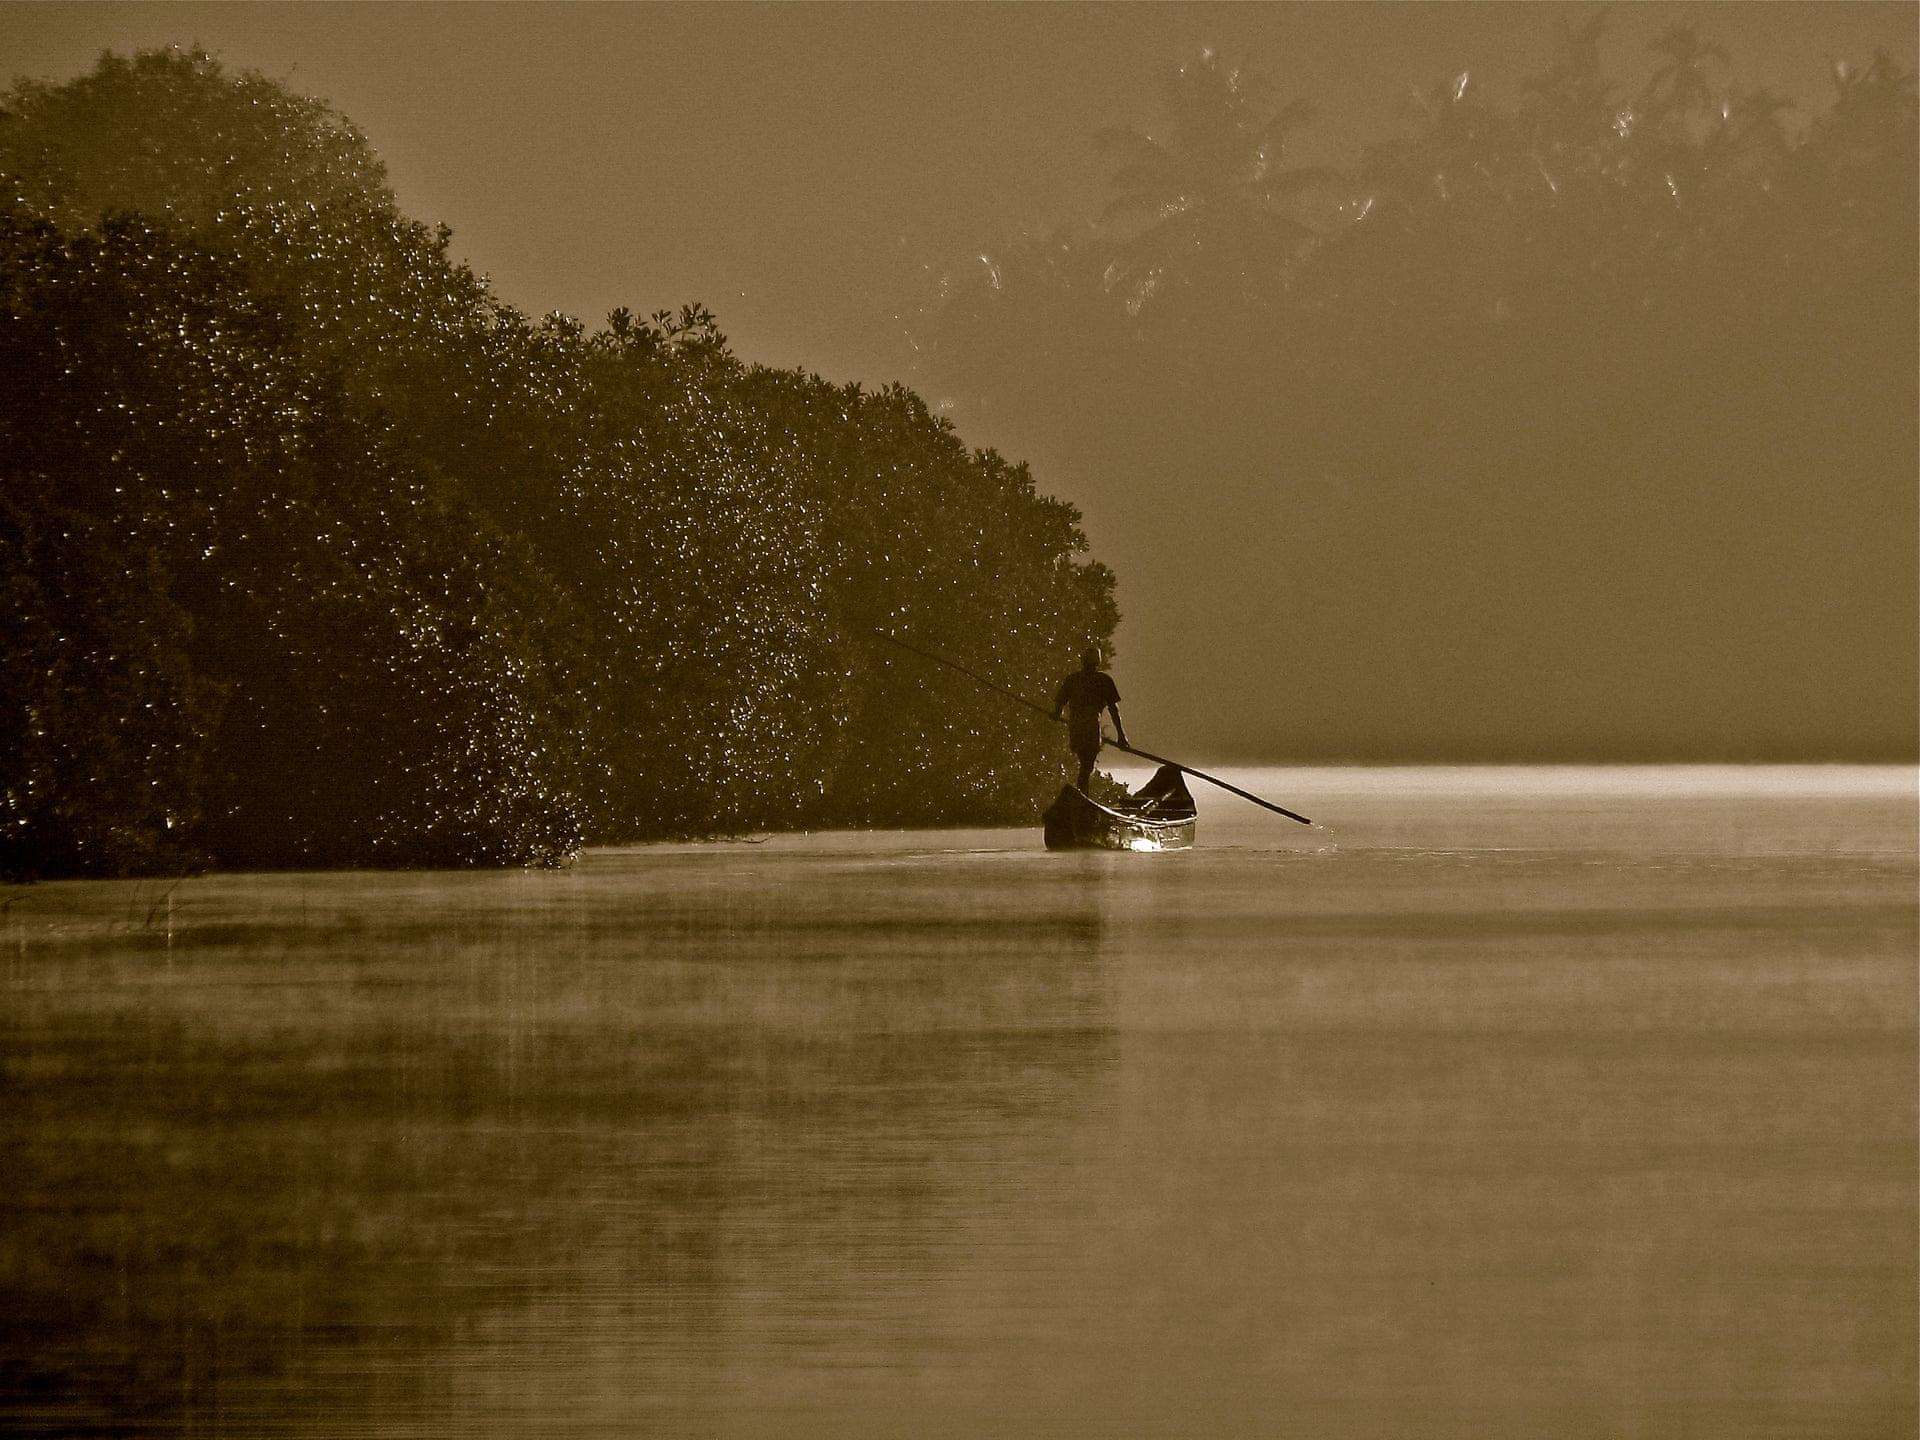 На фото — рыбак среди мангровых деревьев, ценность экосистем которых очень важна дляиндийских сообществ идля традиционных рыбаков. Фото сделано вКерале, Индия.